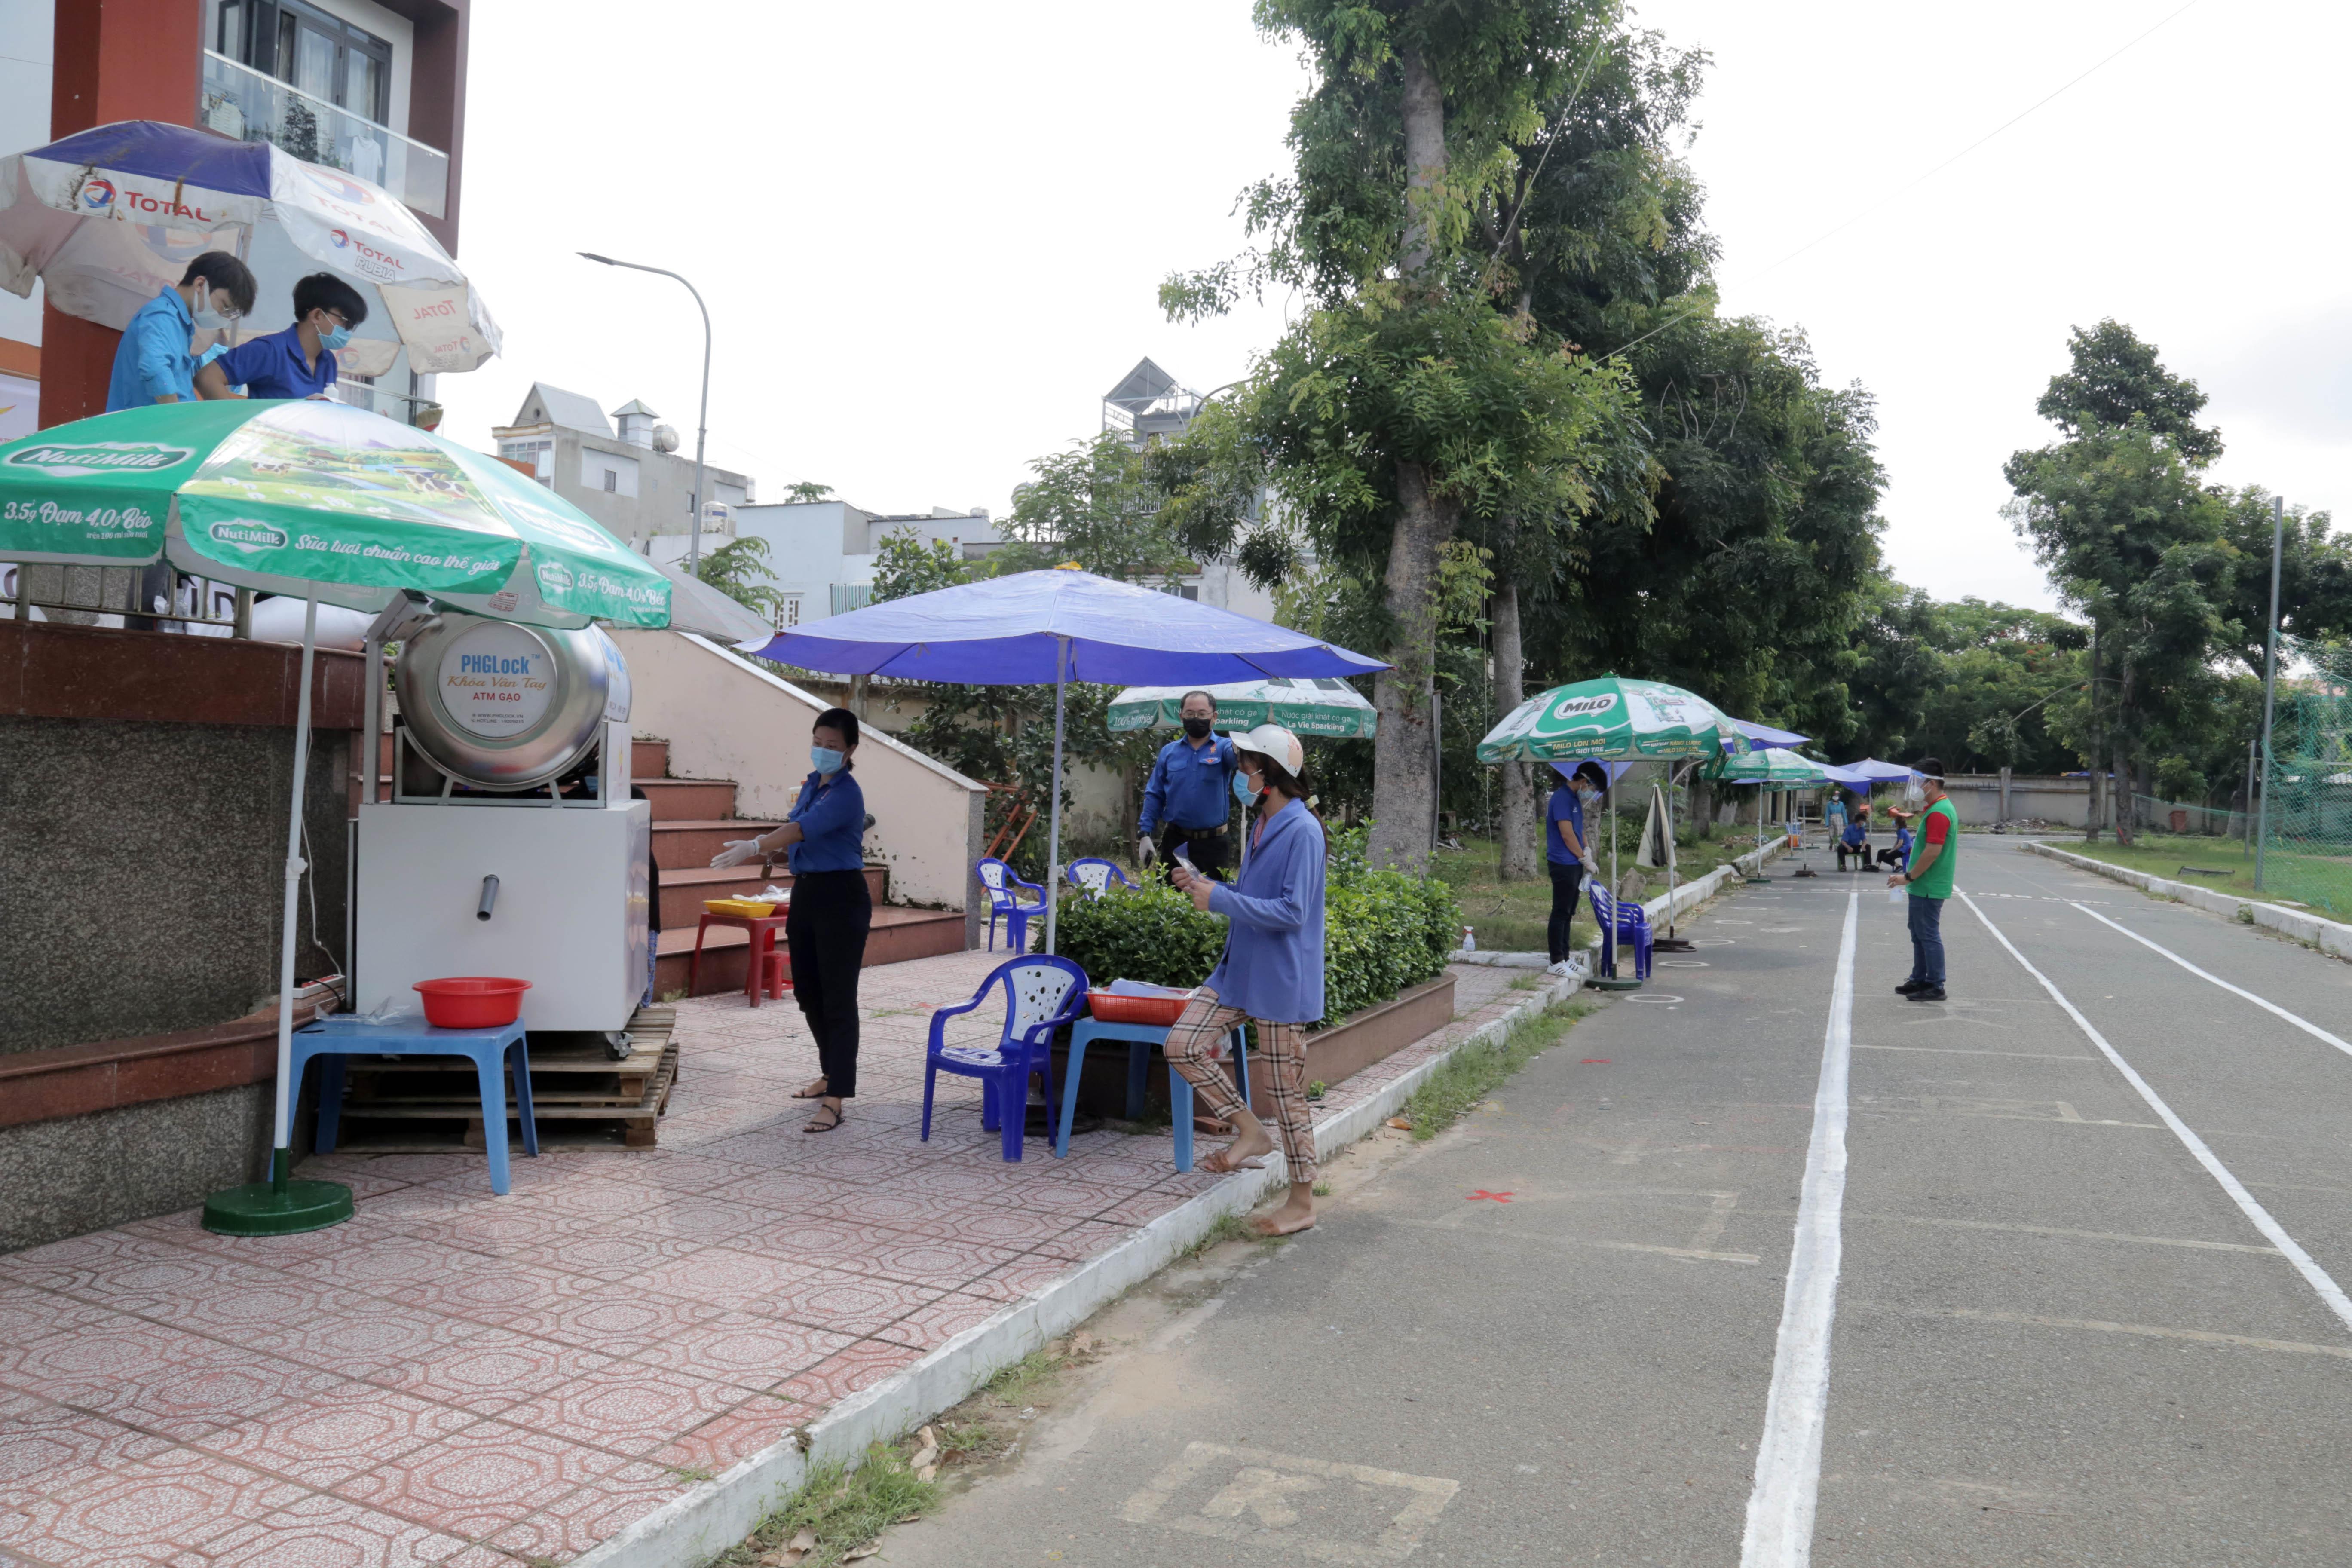 """""""ATM gạo"""" thứ 2 ở Sài Gòn hoạt động trong mùa dịch, bà con khó khăn chỉ cần đến """"máy sẽ tự động nhả gạo"""" - hình ảnh 6"""